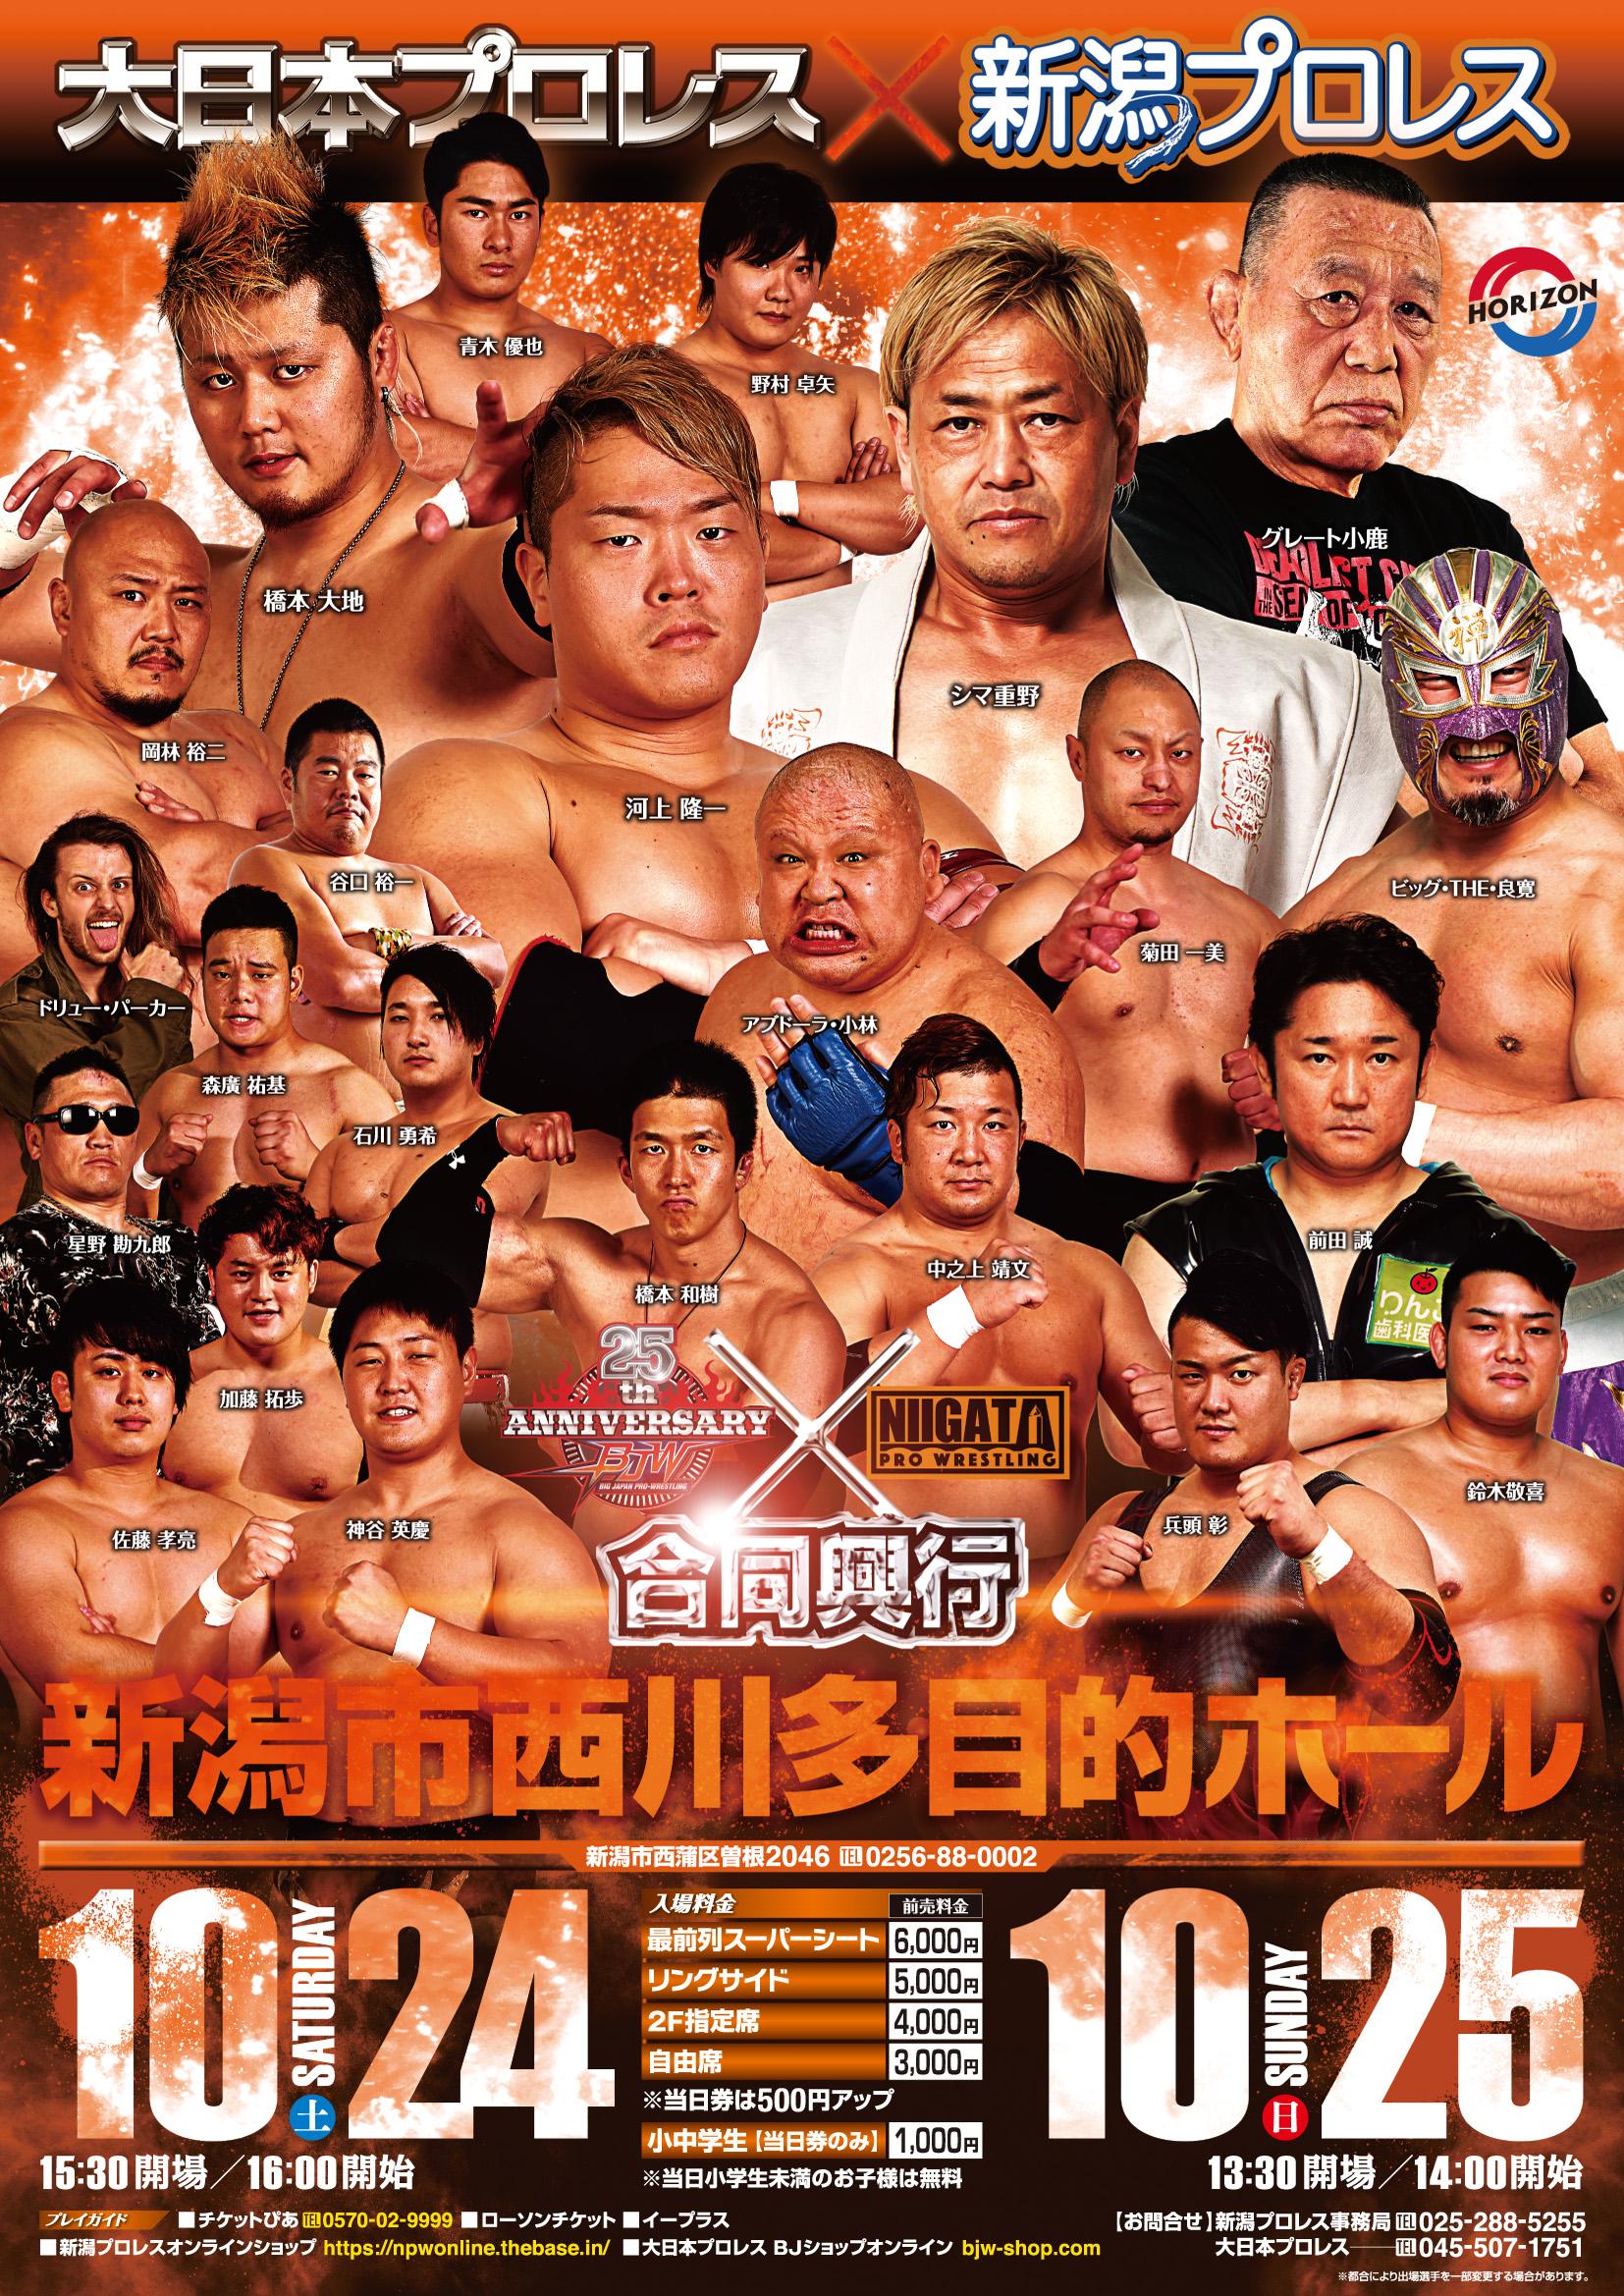 日本 プロレス 大